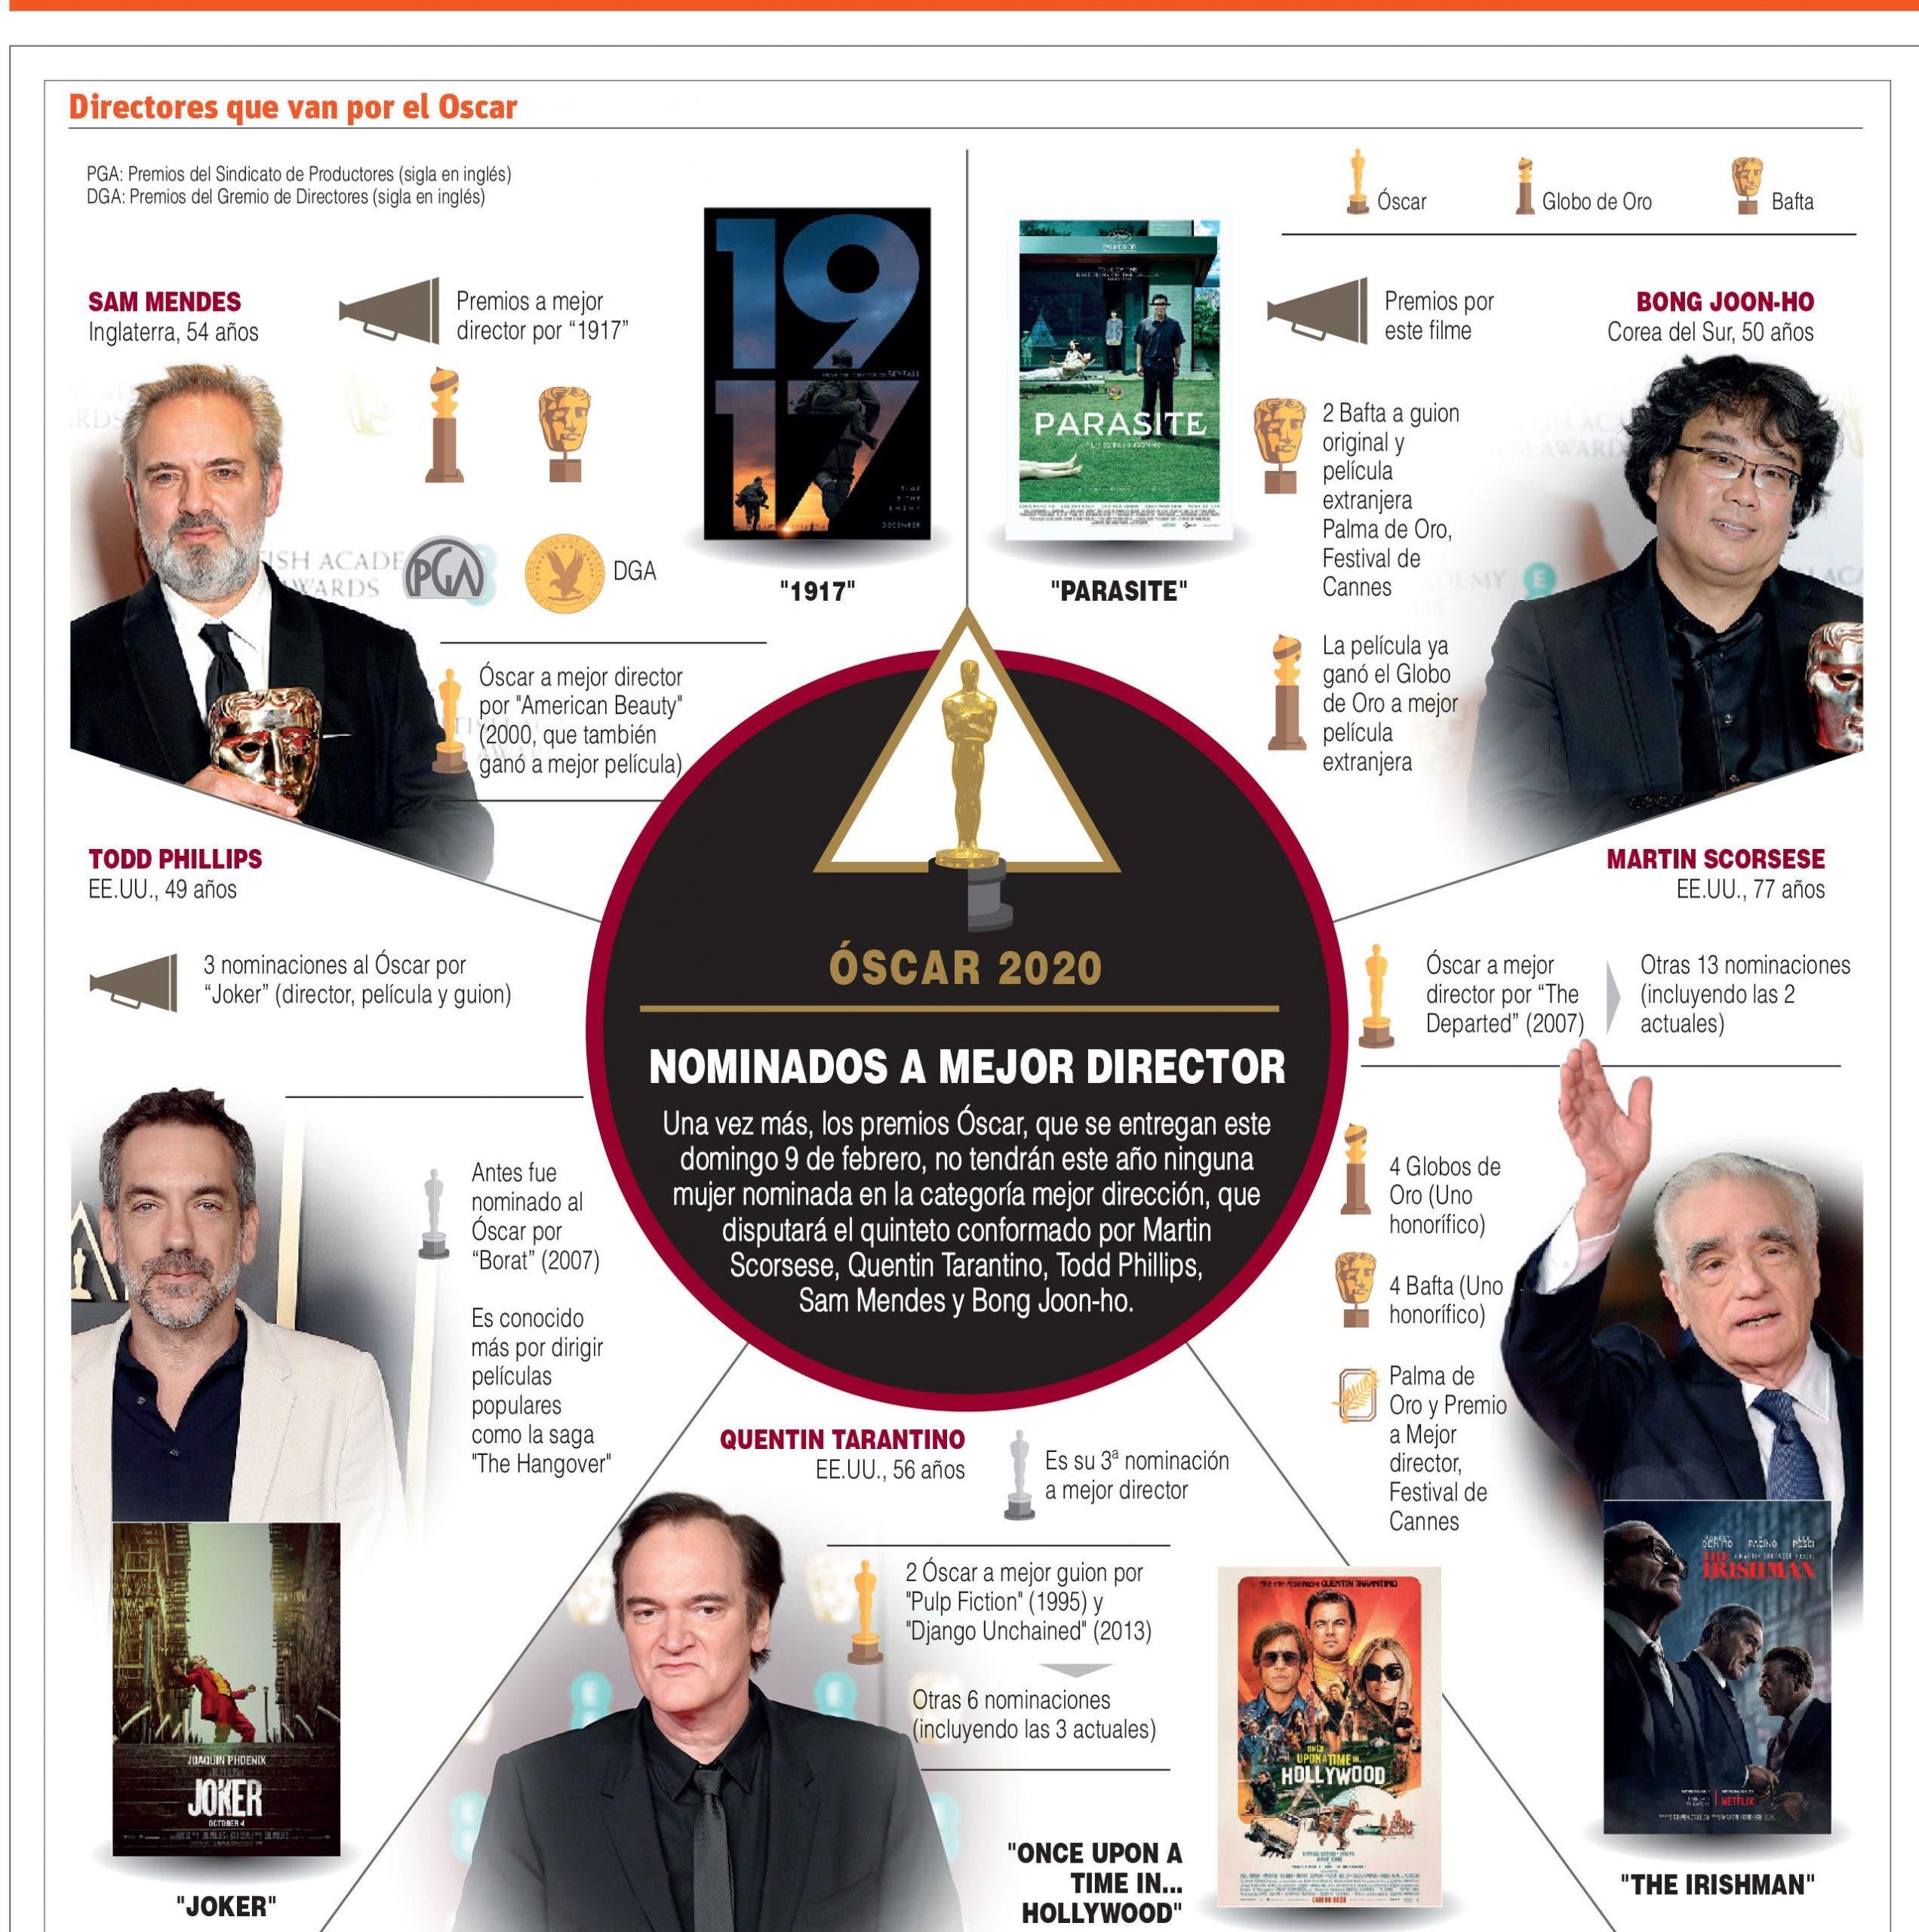 Oscar 2020: Ellos son los nominados a mejor director